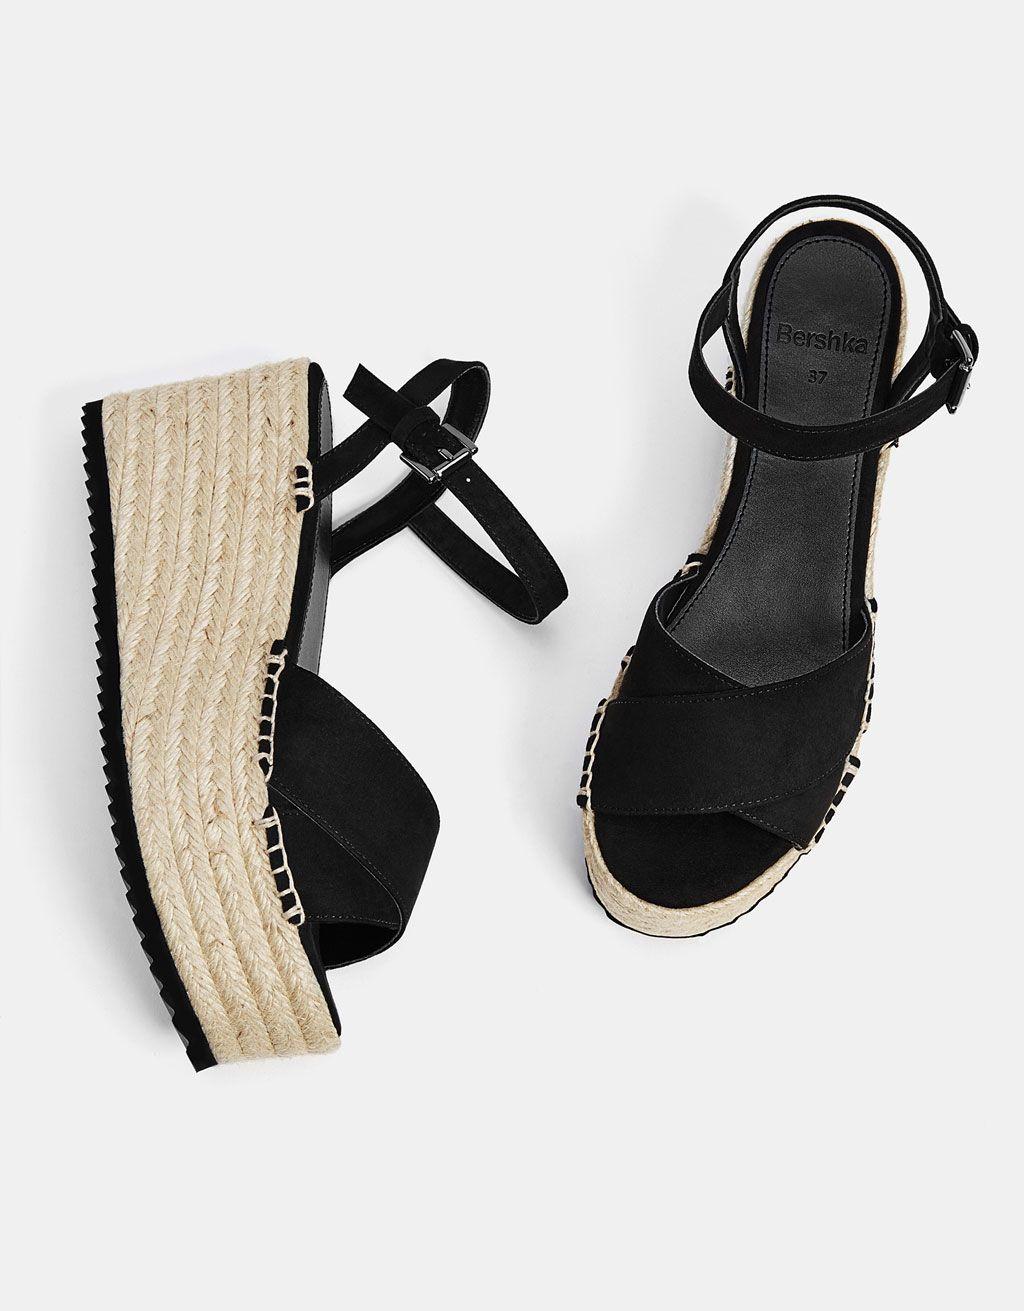 Sandalia plataforma yute negra my style en 2019 for Gabinete de zapatos para la entrada